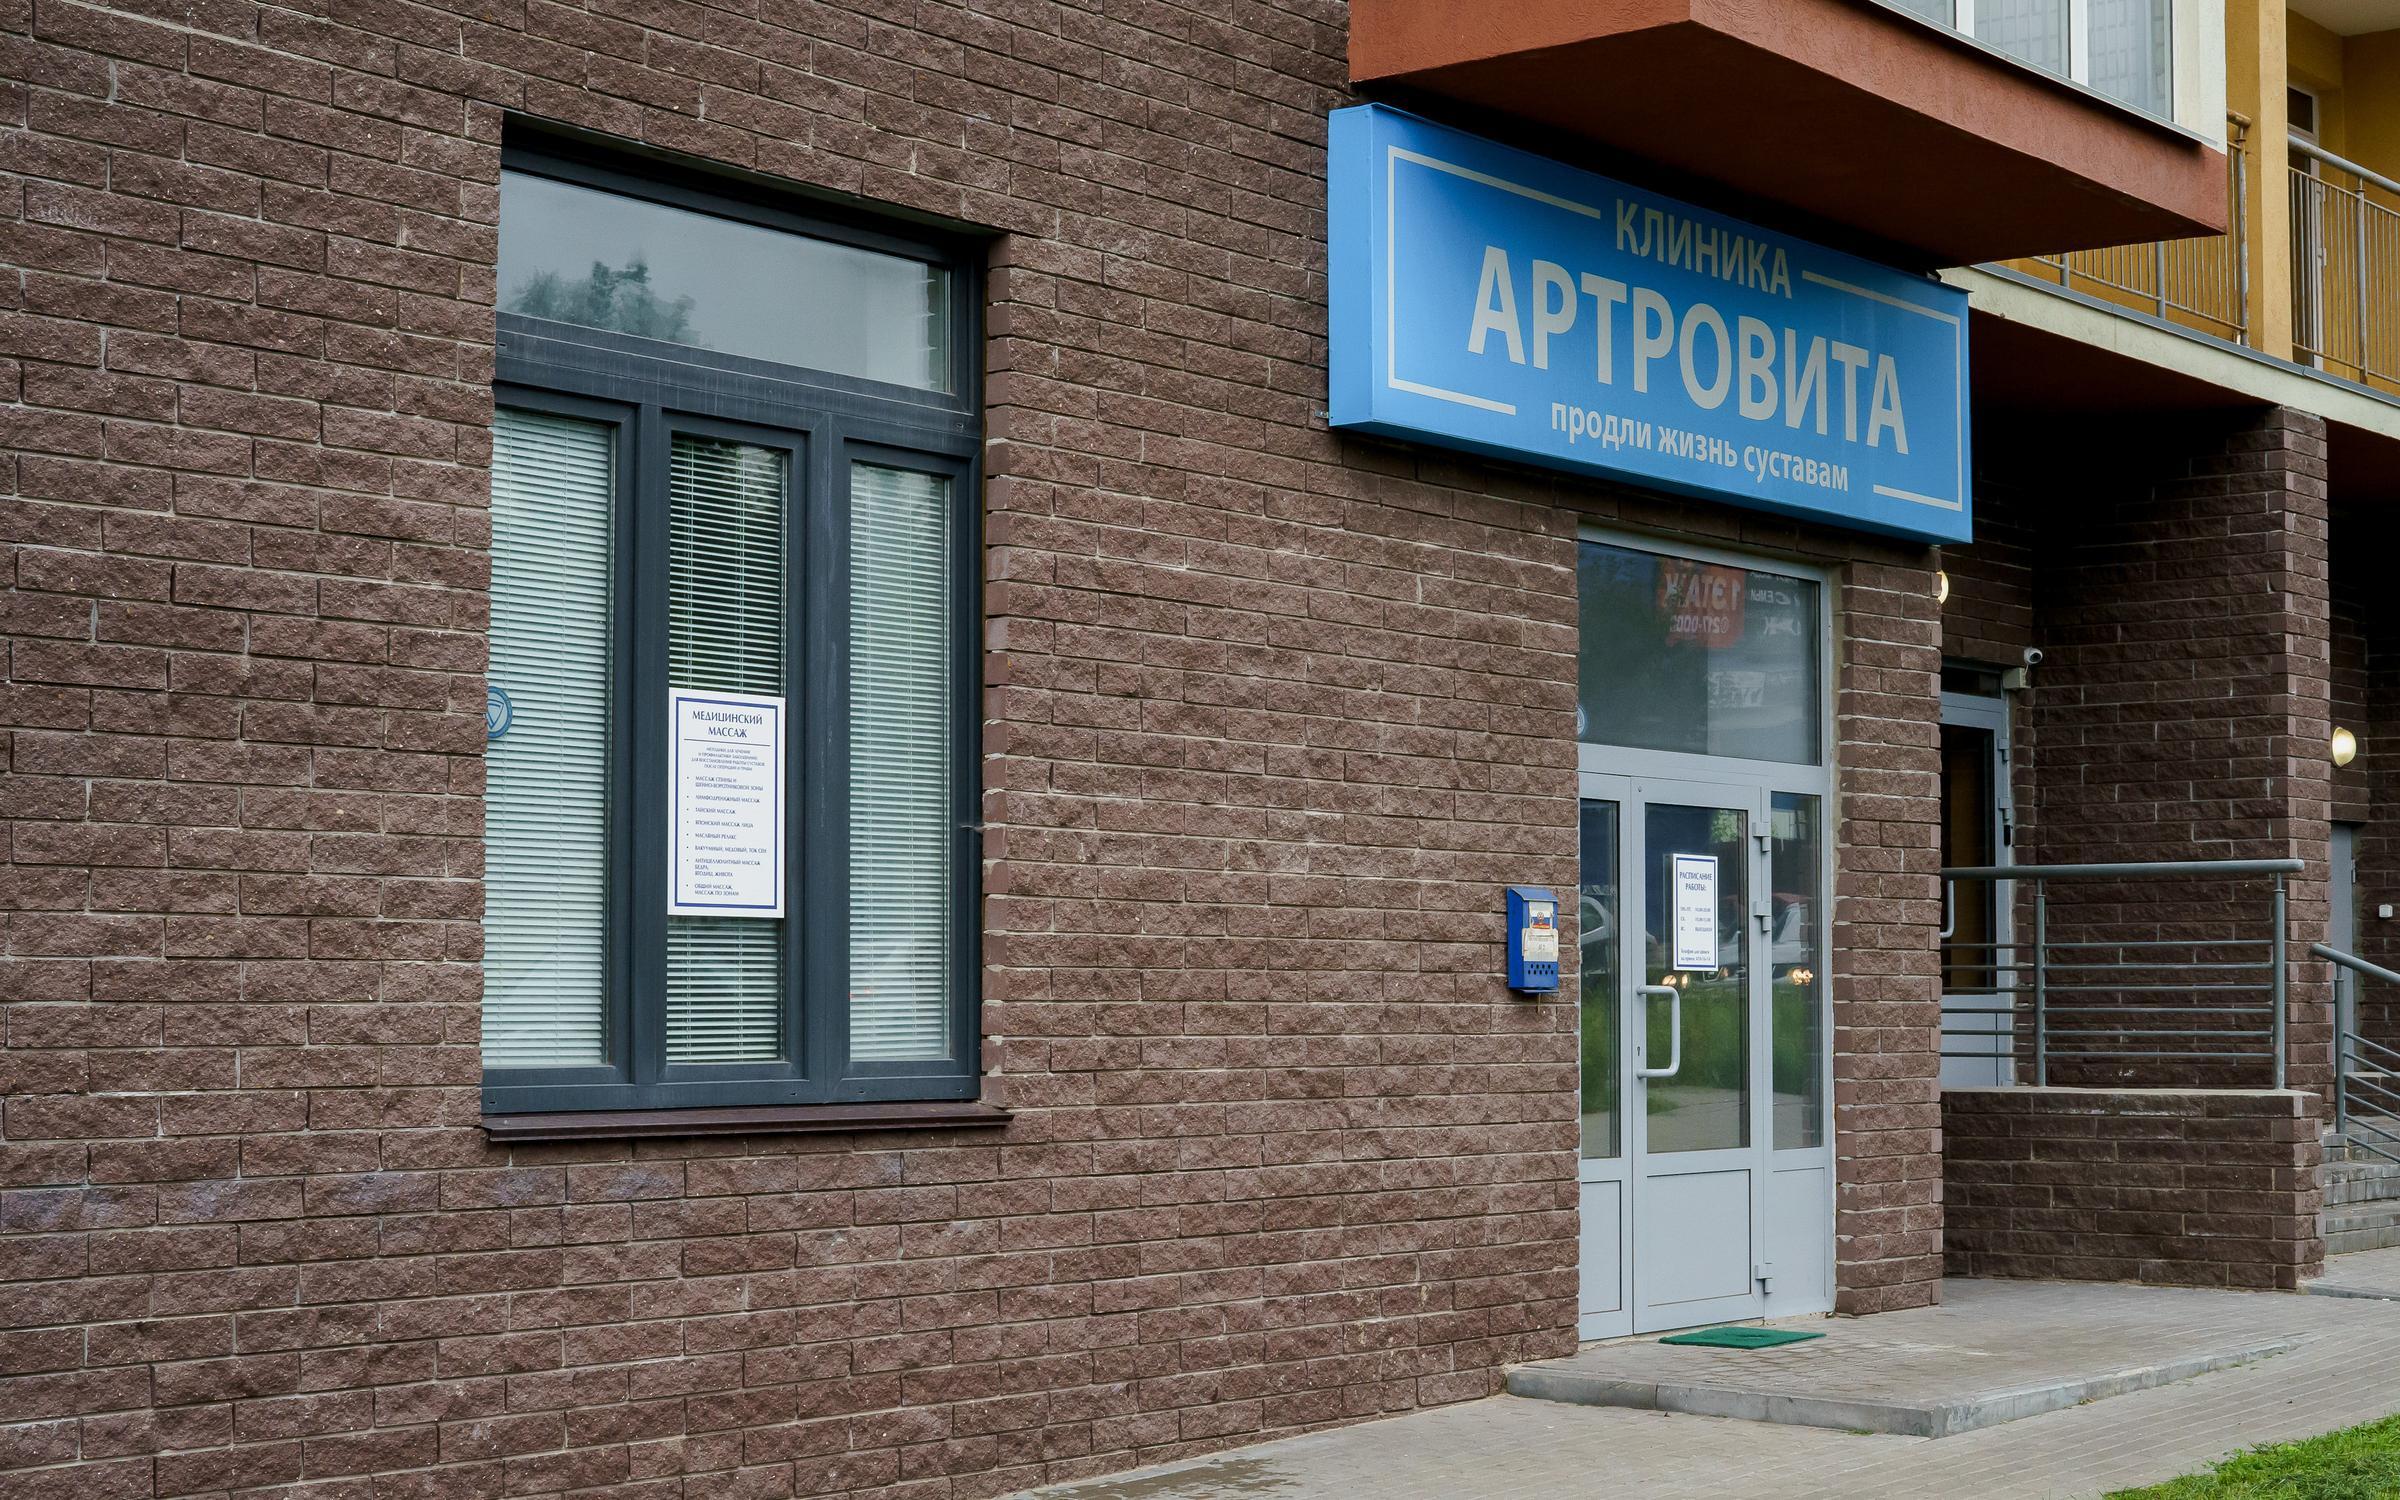 фотография Медицинского центра Артровита на Республиканской улице